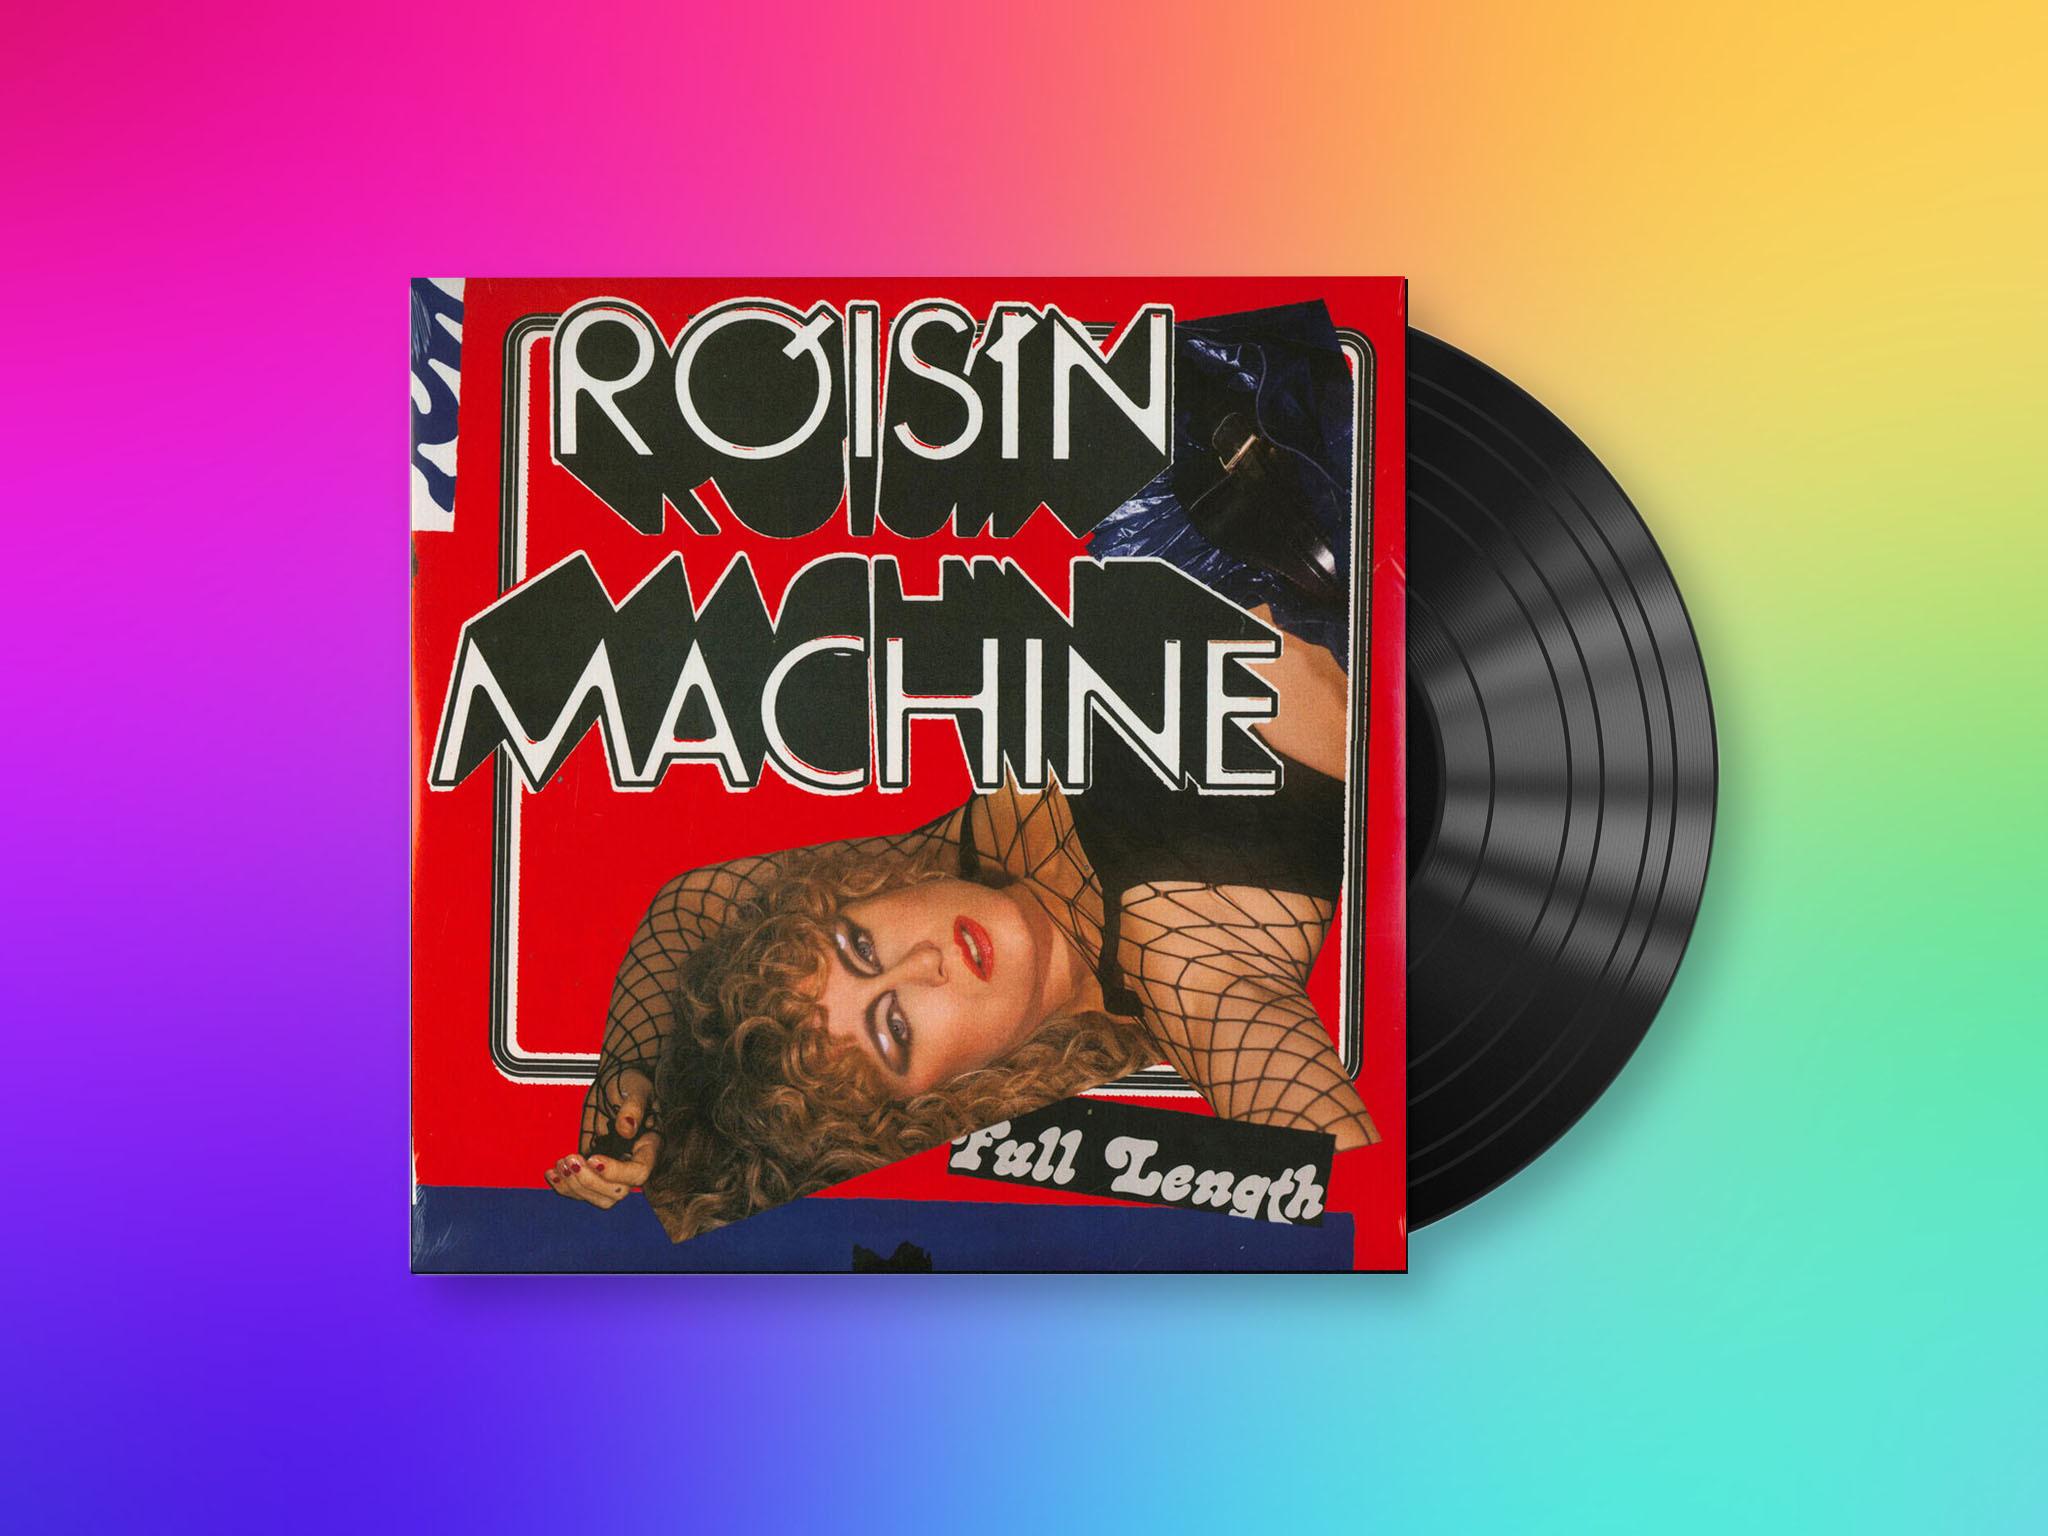 Róisín Machine el nuevo disco de Róisín Murphy